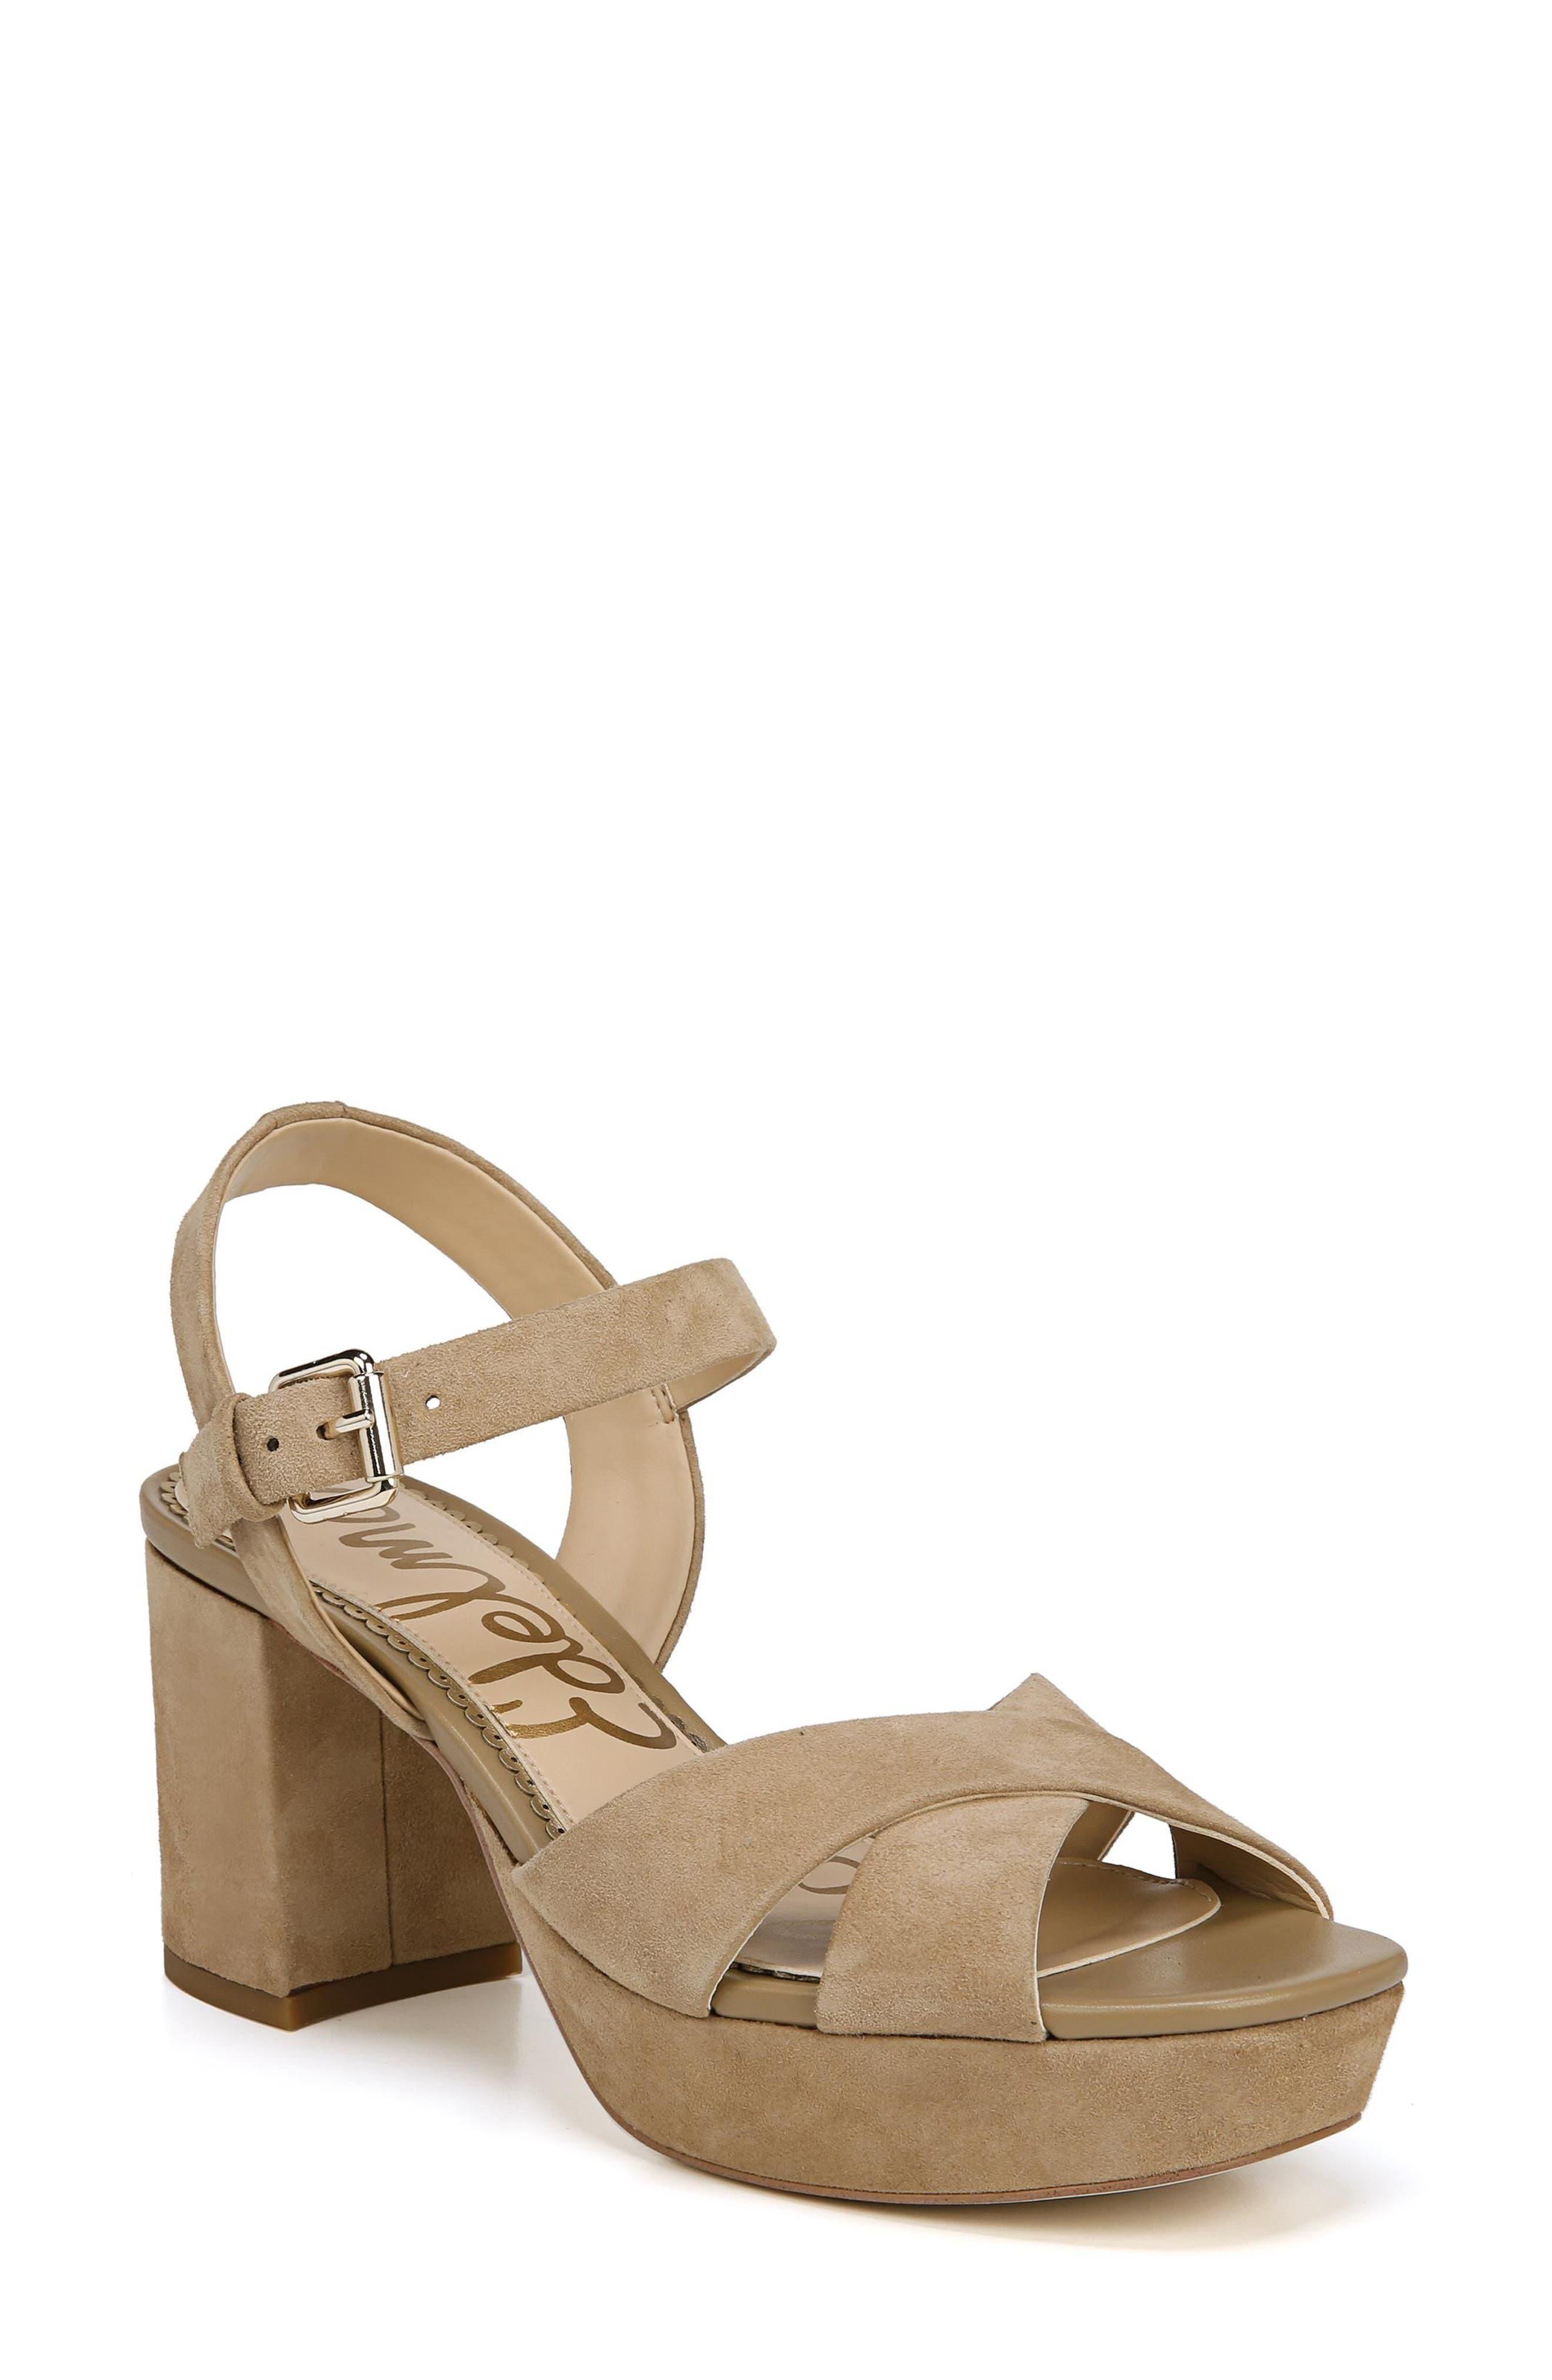 Jolene Platform Sandal,                             Main thumbnail 1, color,                             Oatmeal Leather